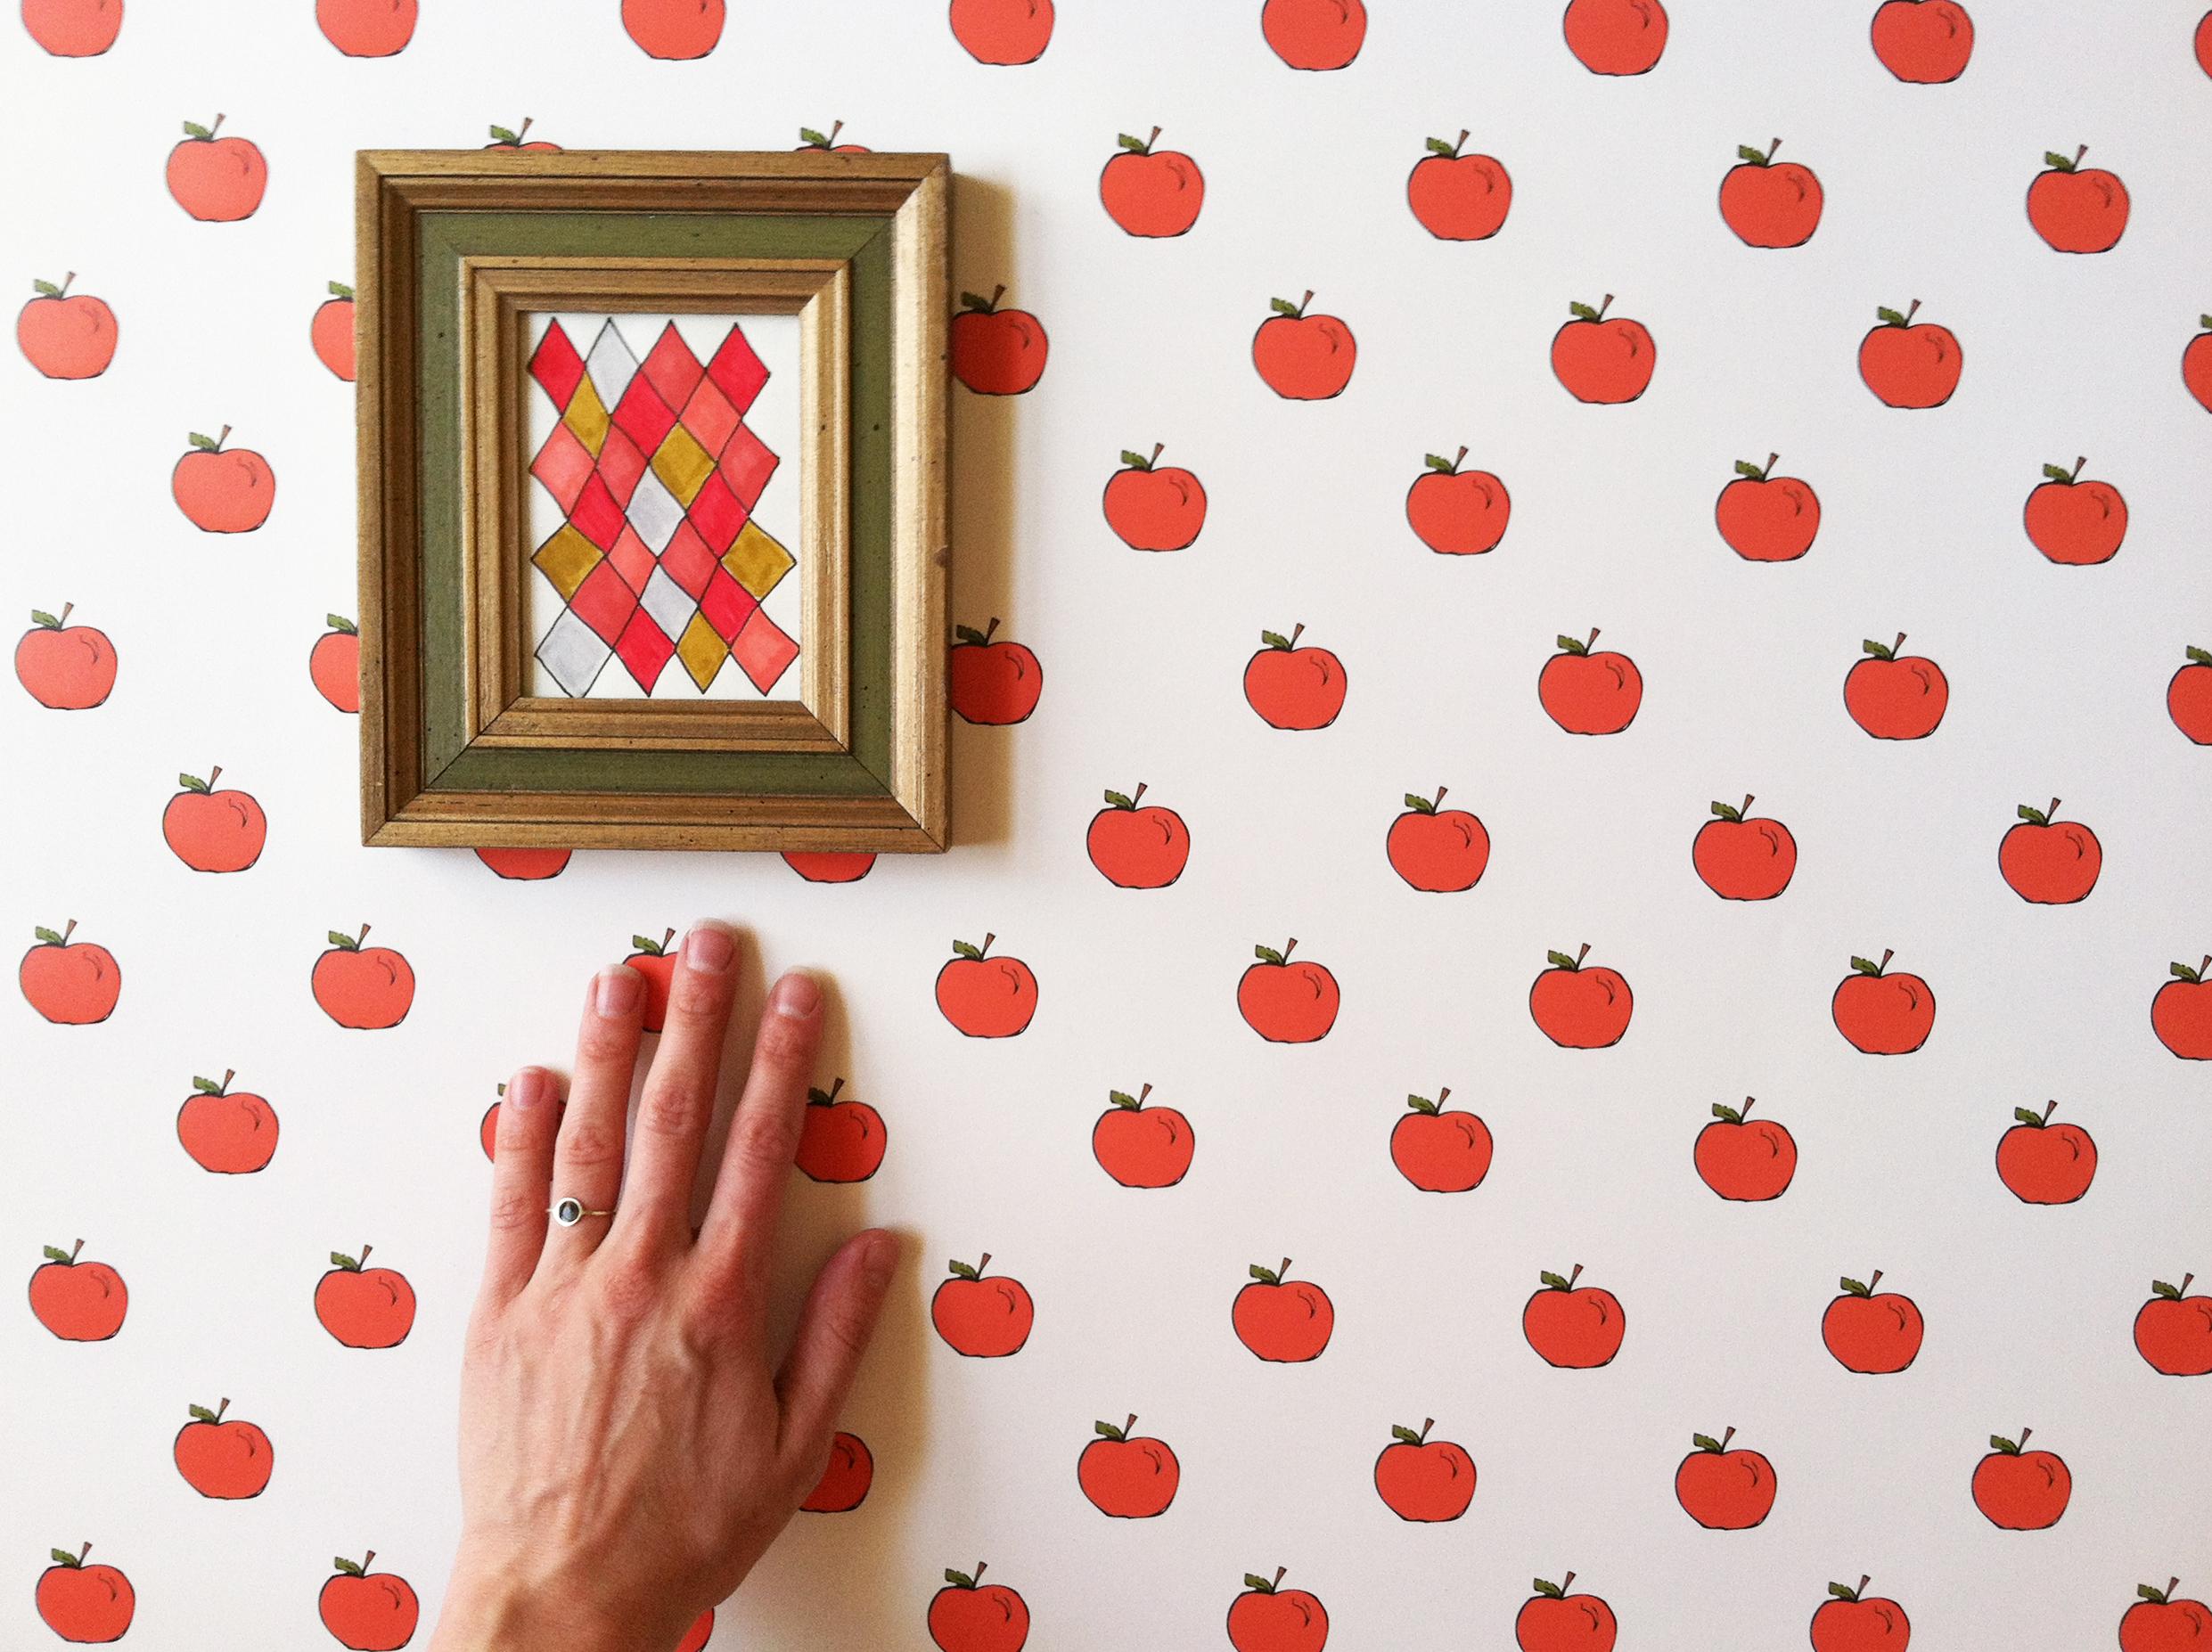 Apple wallpaper 4.JPG